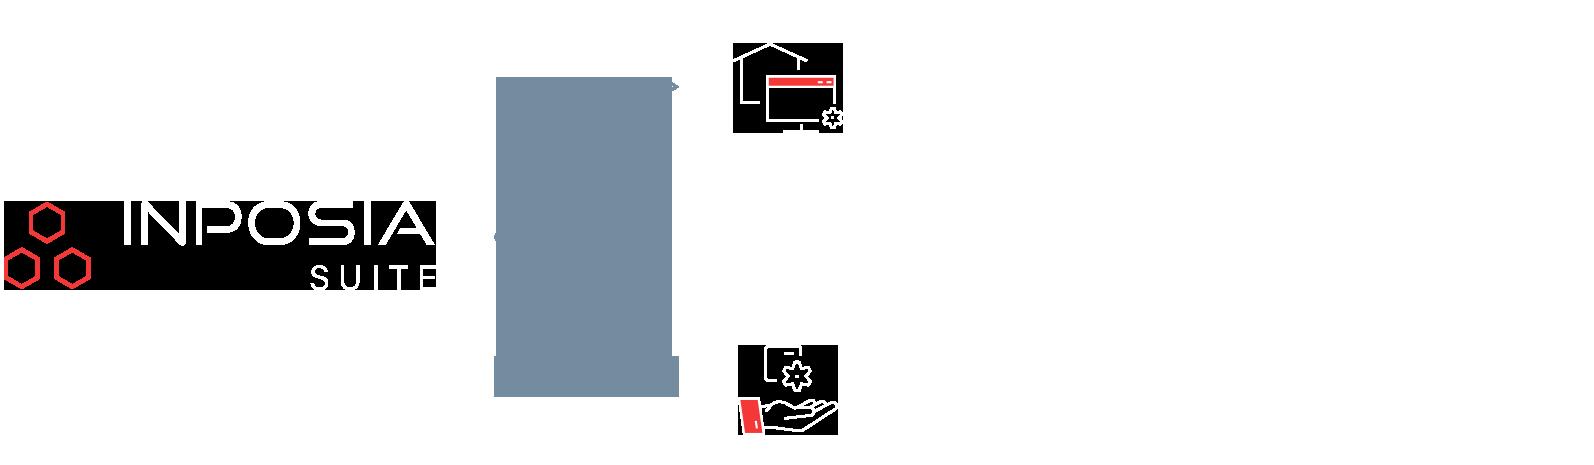 Le processus d'intégration de l'INPOSIA Business Suite.